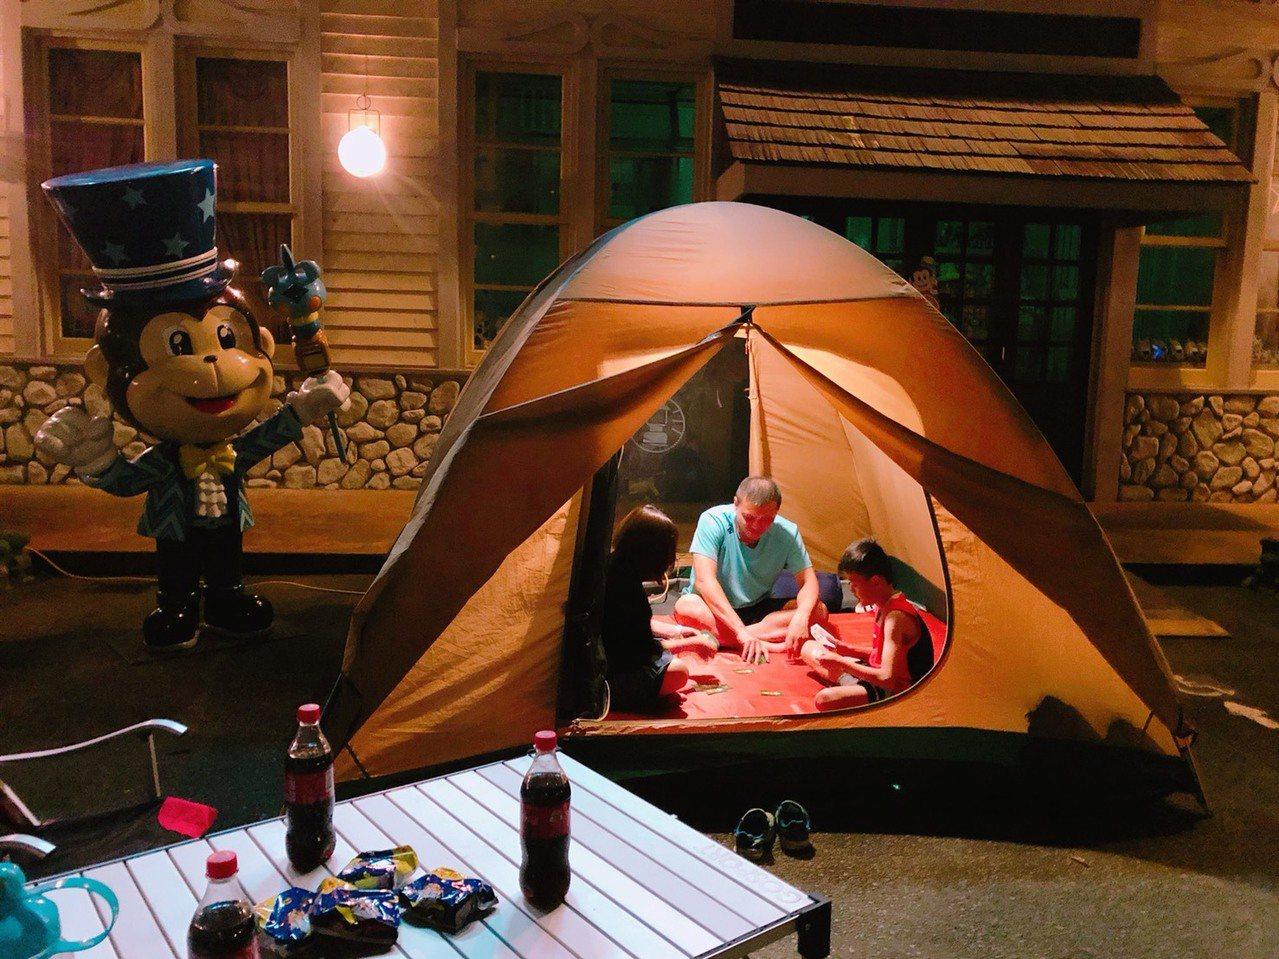 生態體驗營遊客只要準備好個人行囊,一卡皮箱就能到遊樂園住一晚。圖/六福村提供